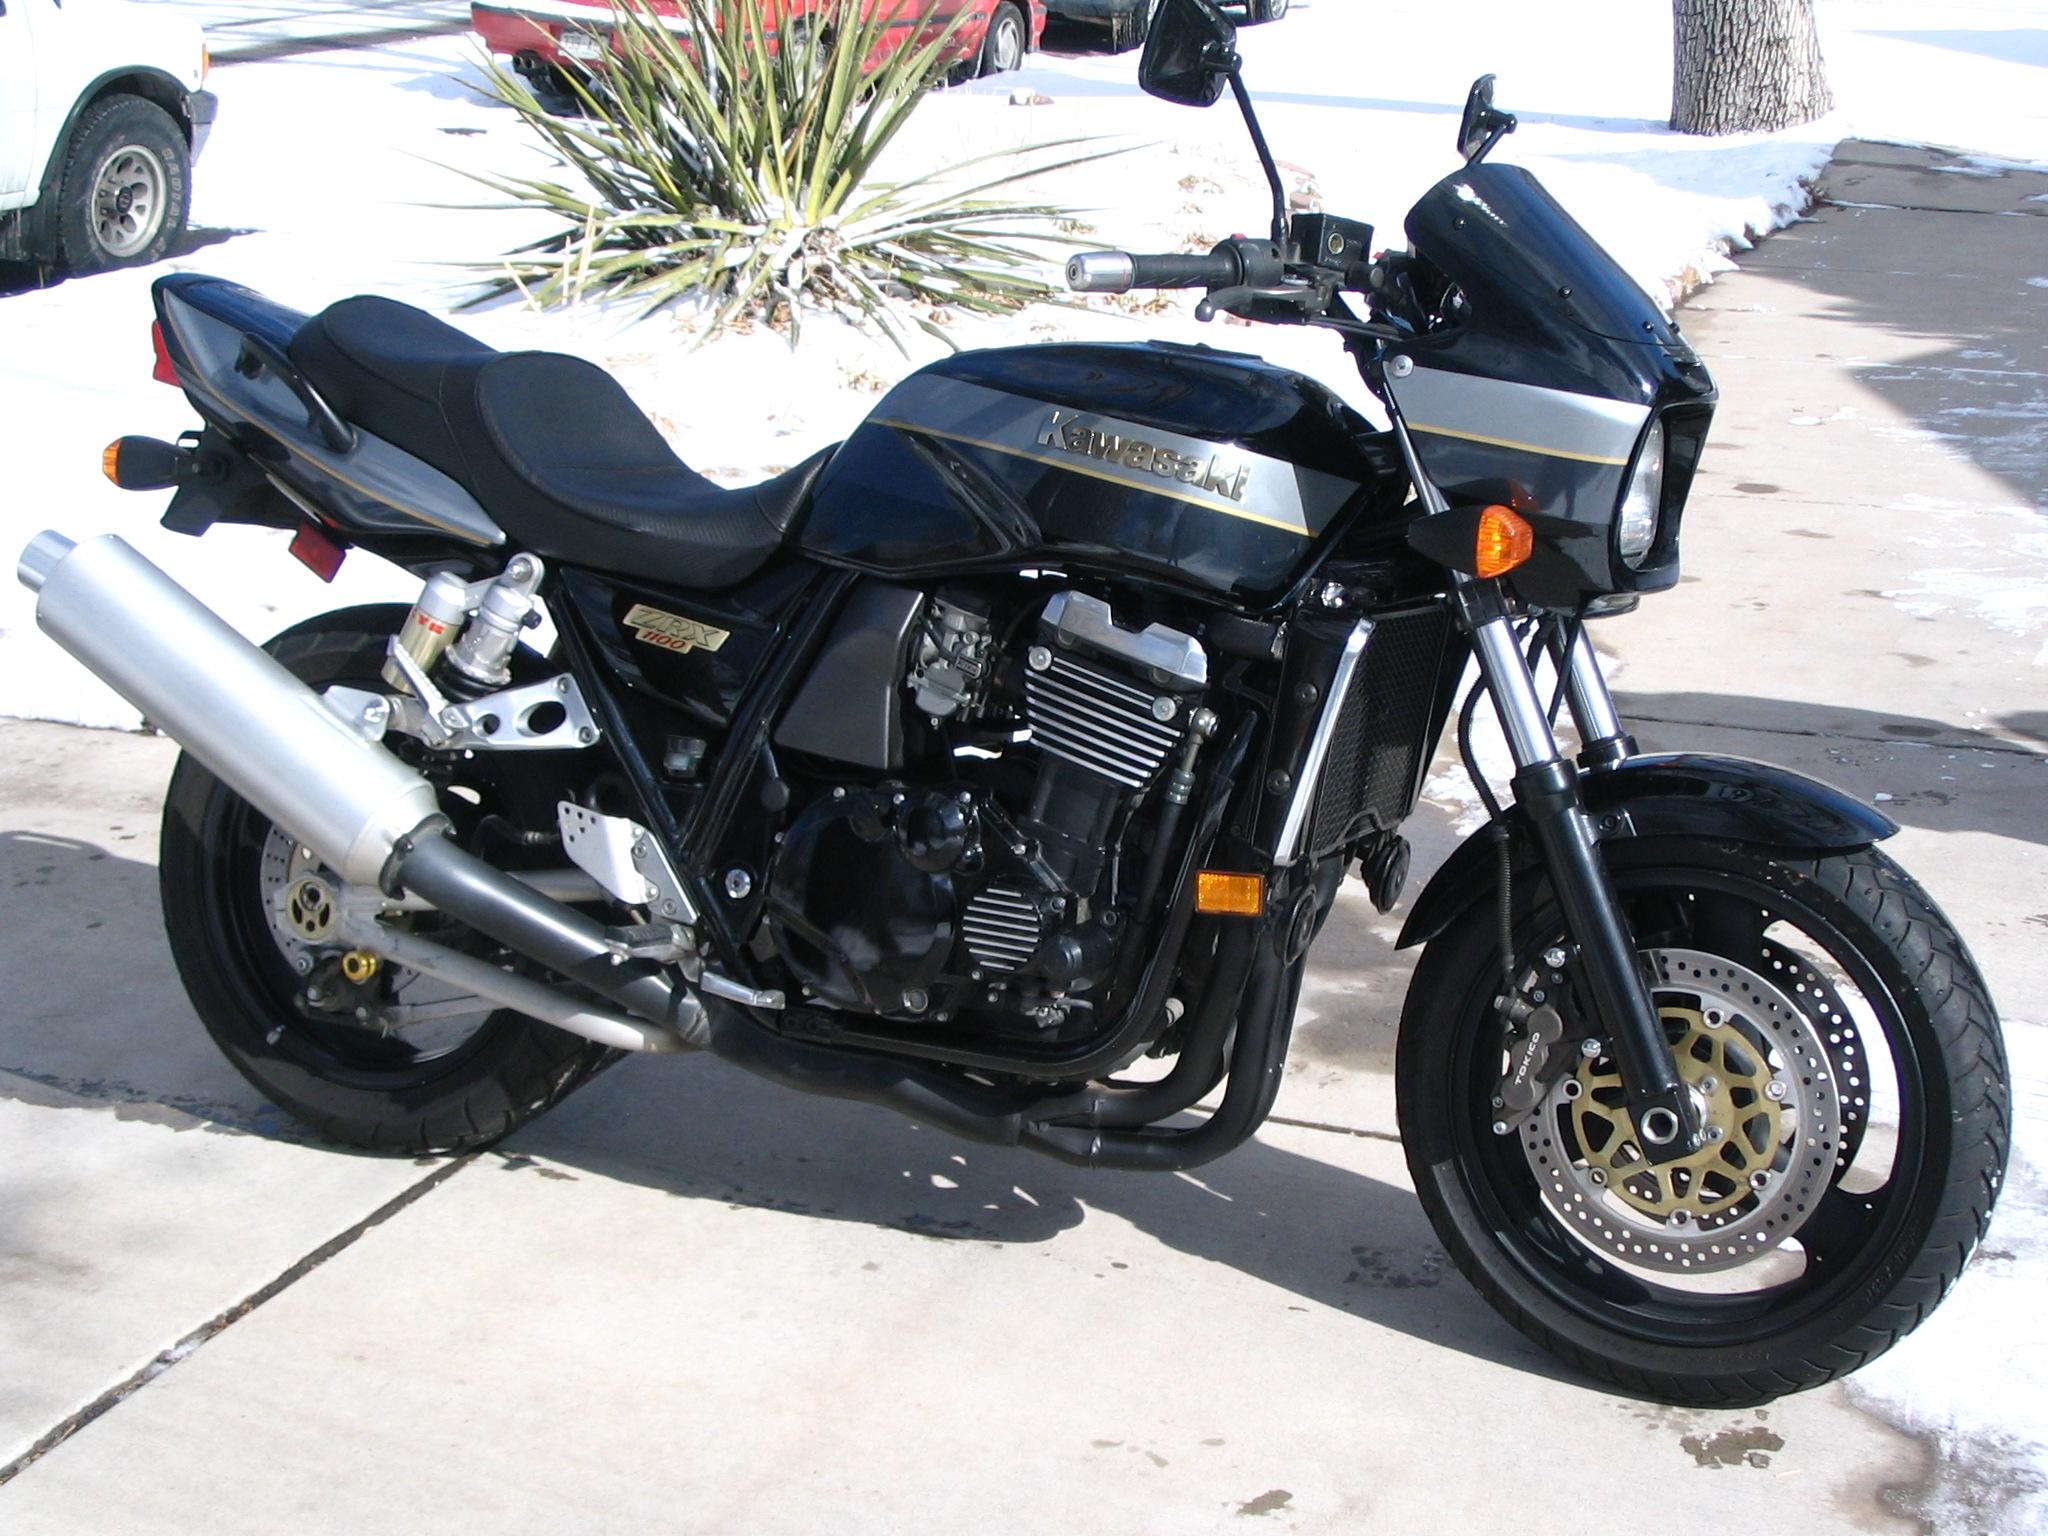 Kawasaki Zrx For Sale Uk